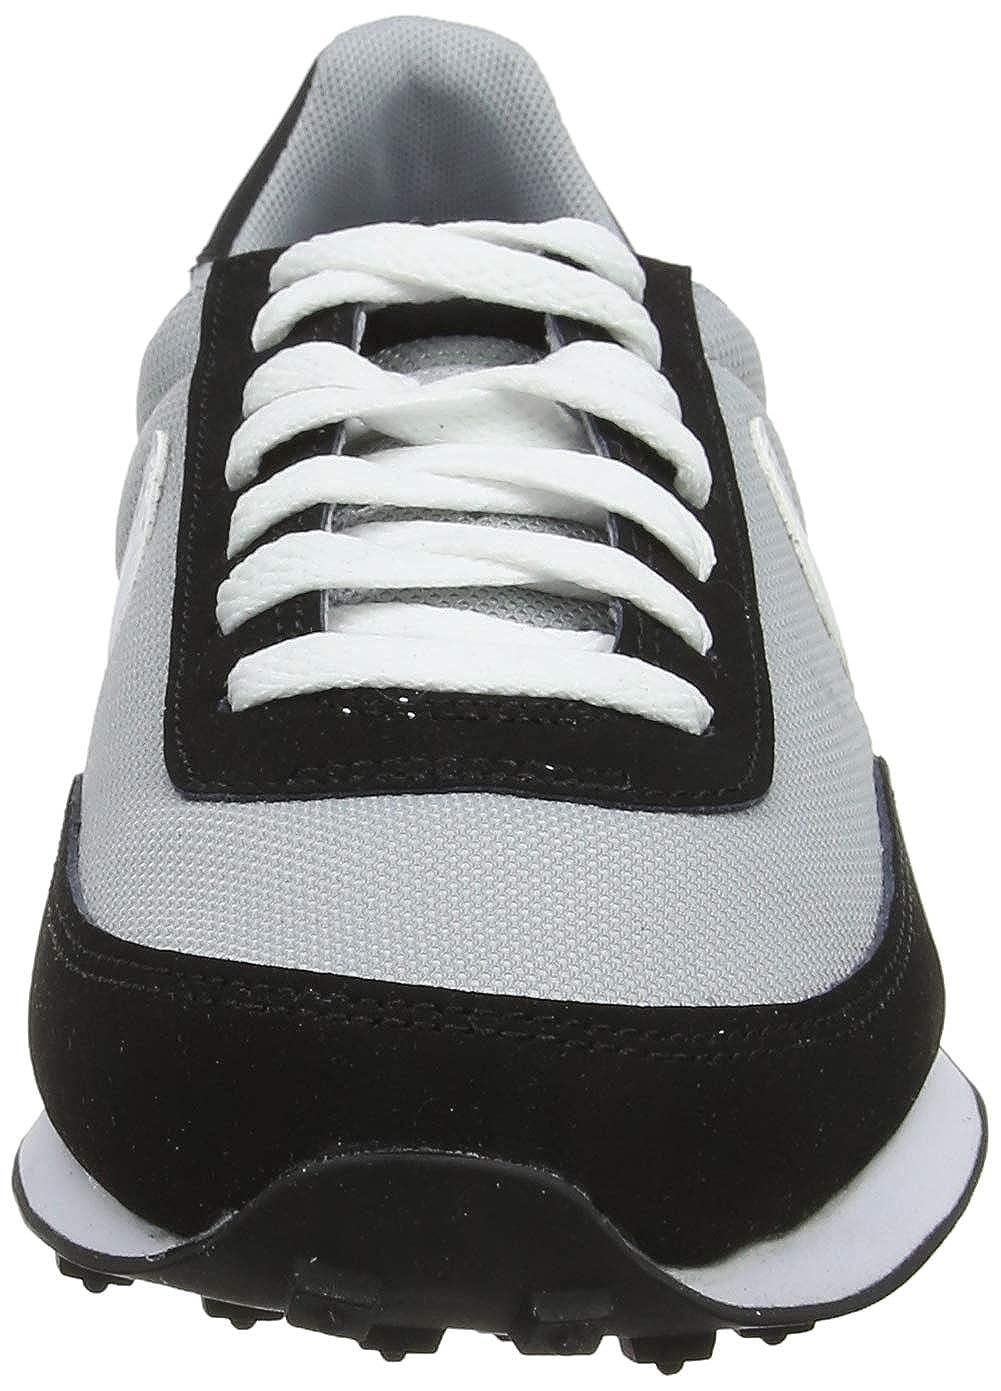 ElitegsChaussures De Running Nike Entrainement GarçonAmazon KF1JuTlc3